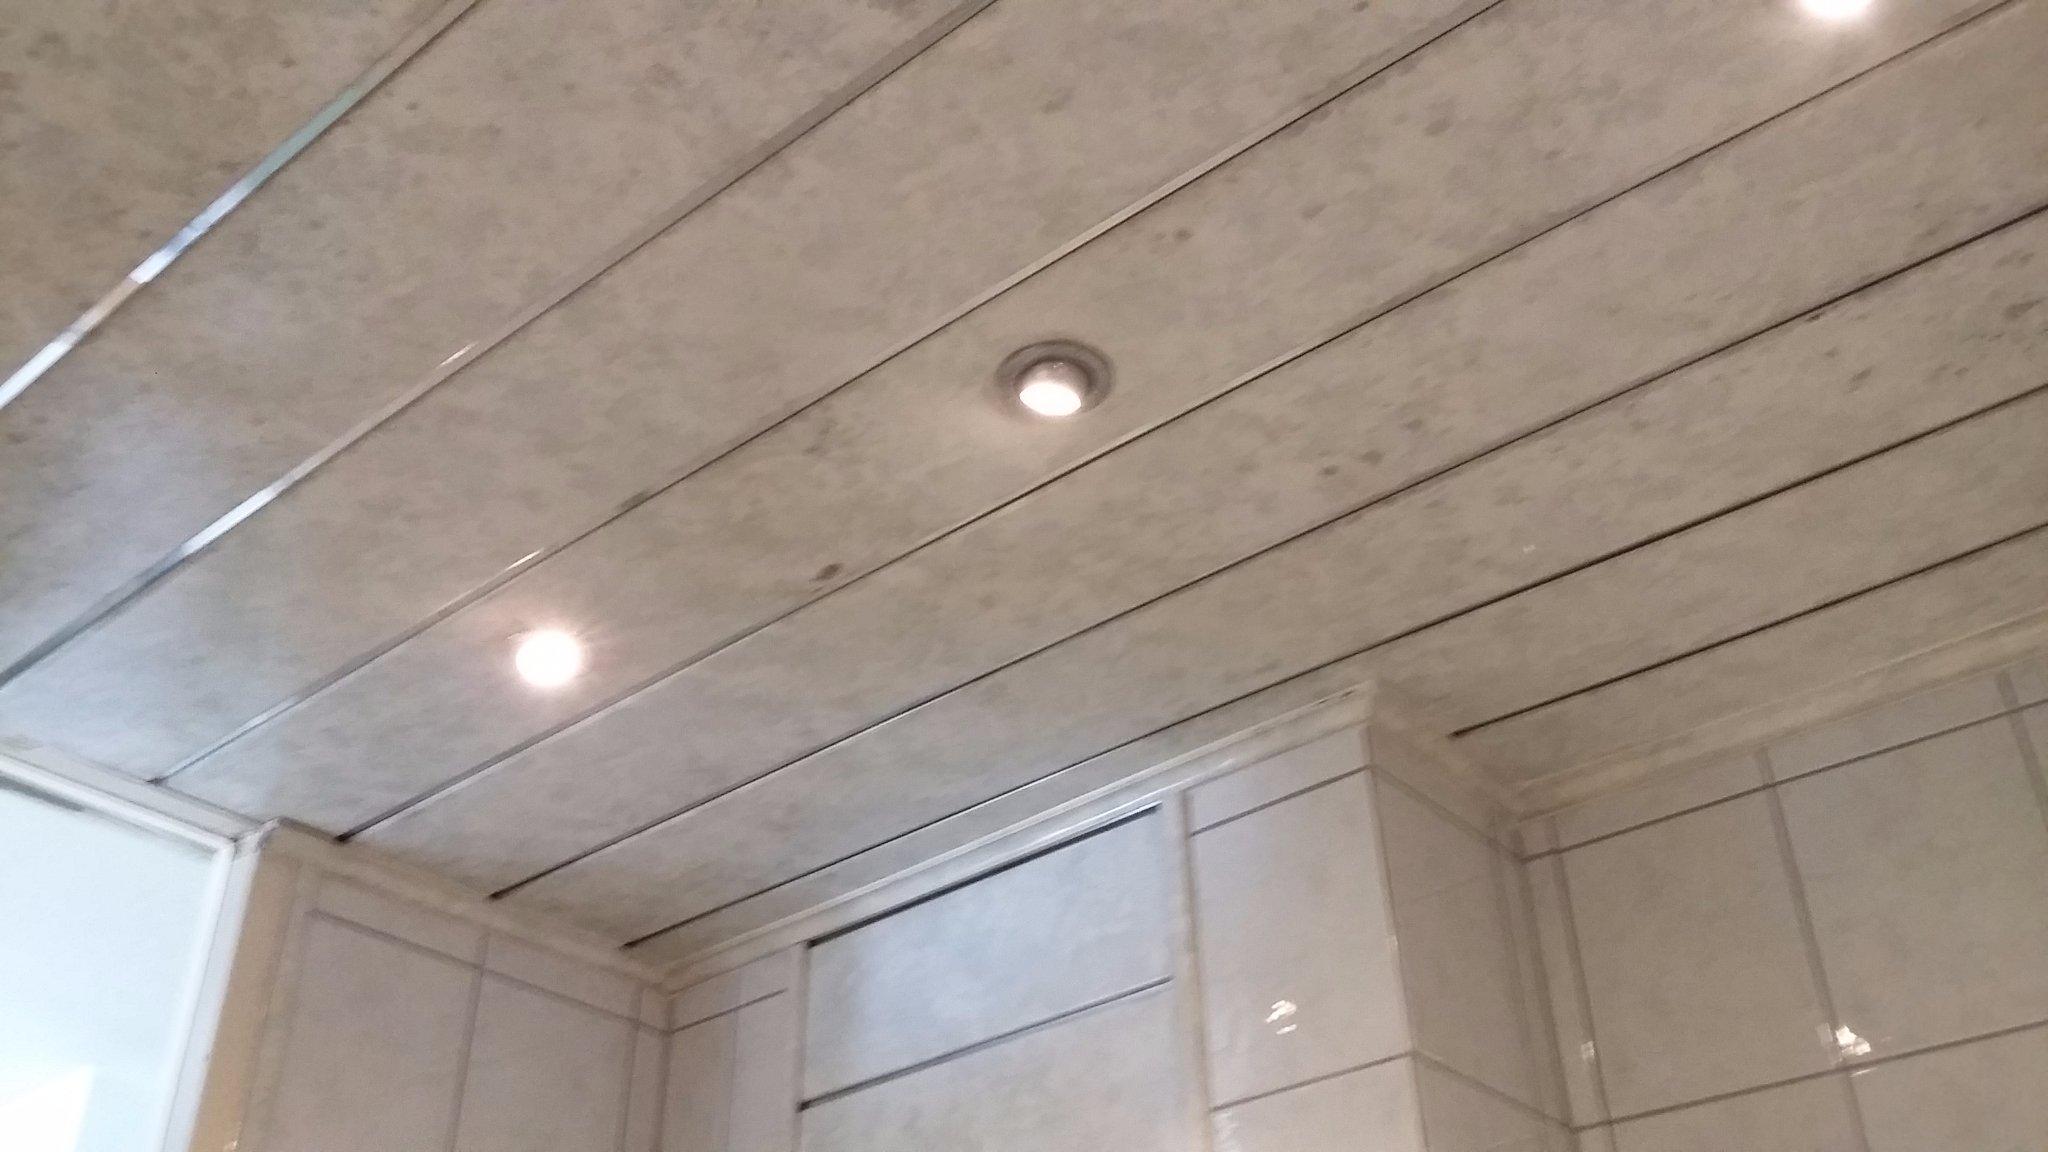 Badkamer Plafond Afzuiging : Mechanische afzuiging badkamer mechanische ventilatie badkamer